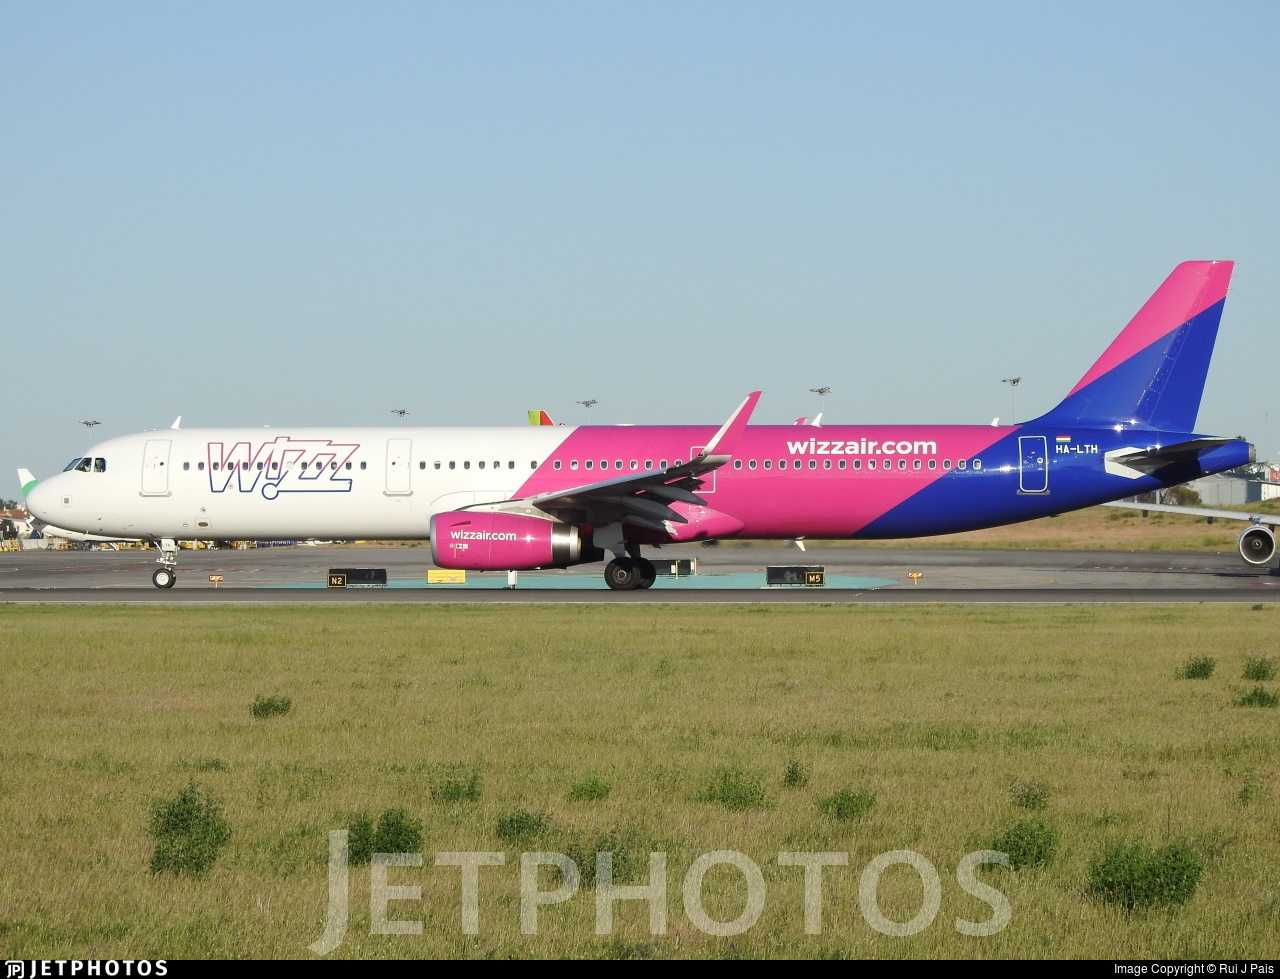 HA-LTH - Airbus A321-231 - Wizz Air